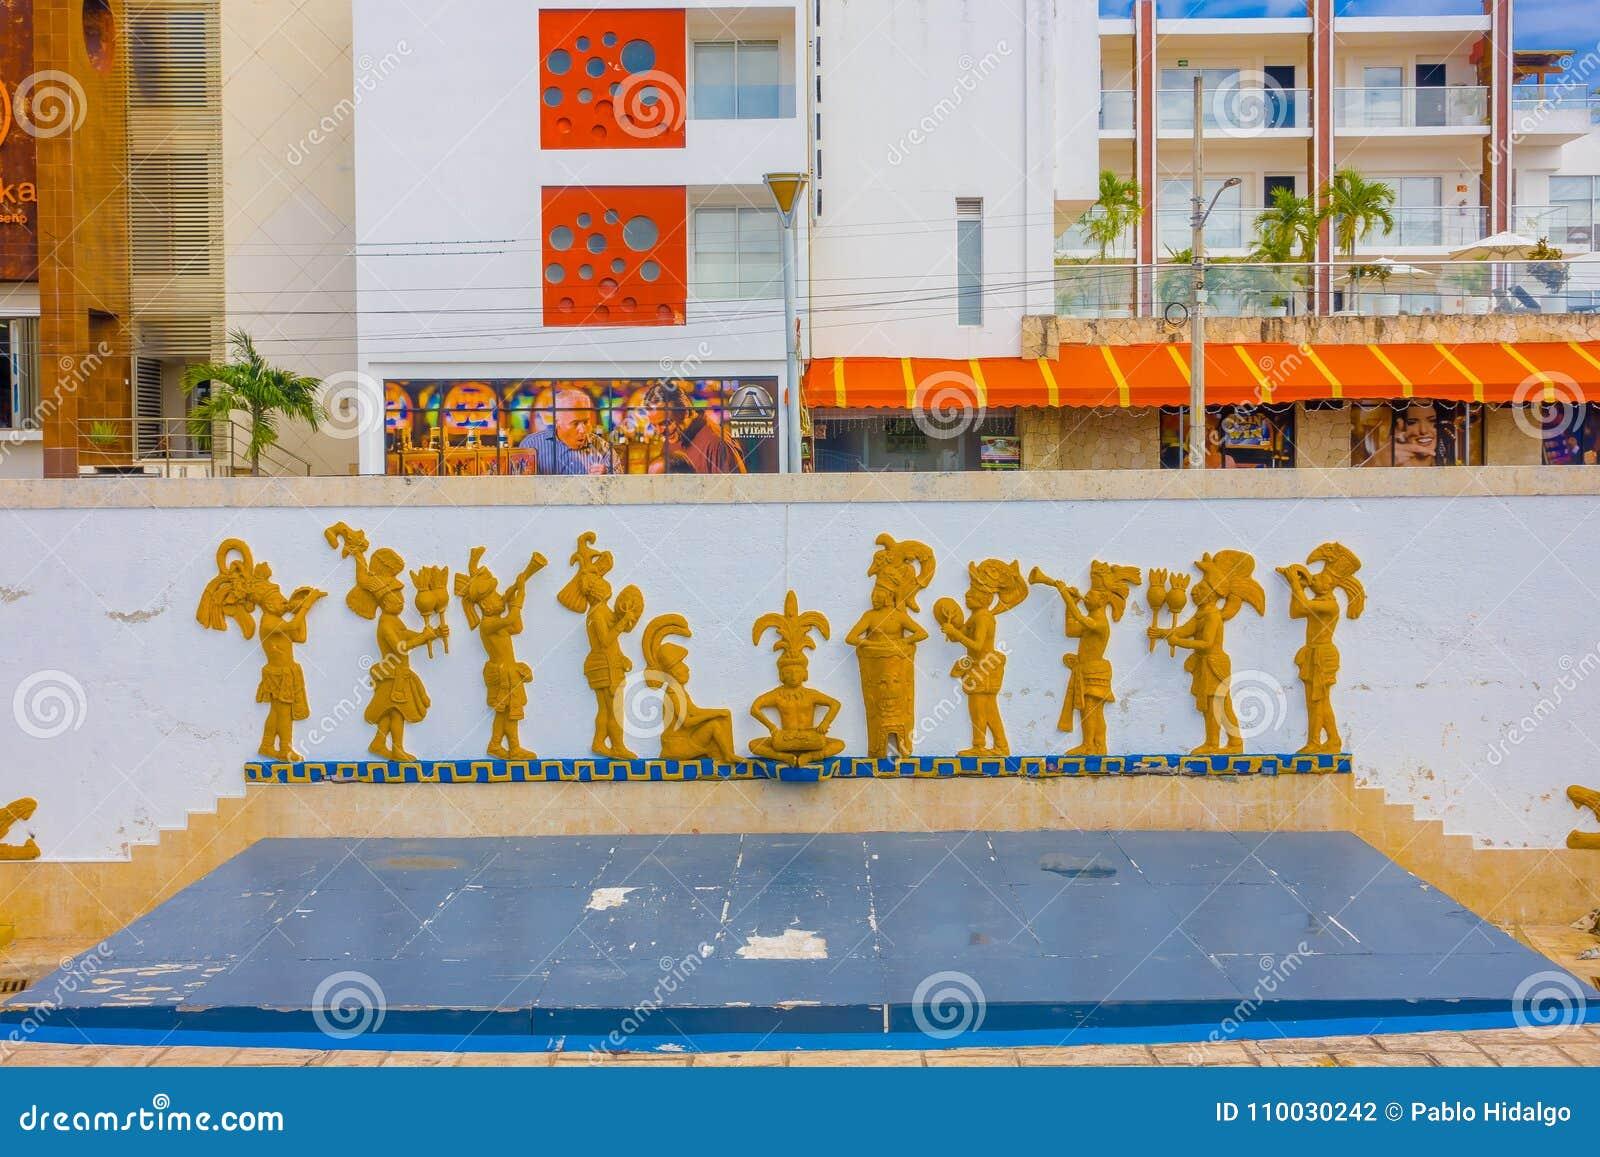 Playa del Carmen, Mexico - Januari 10, 2018: De openluchtmening van gesneden muur met vorm van inheemse Mexicanen, loctaed in a